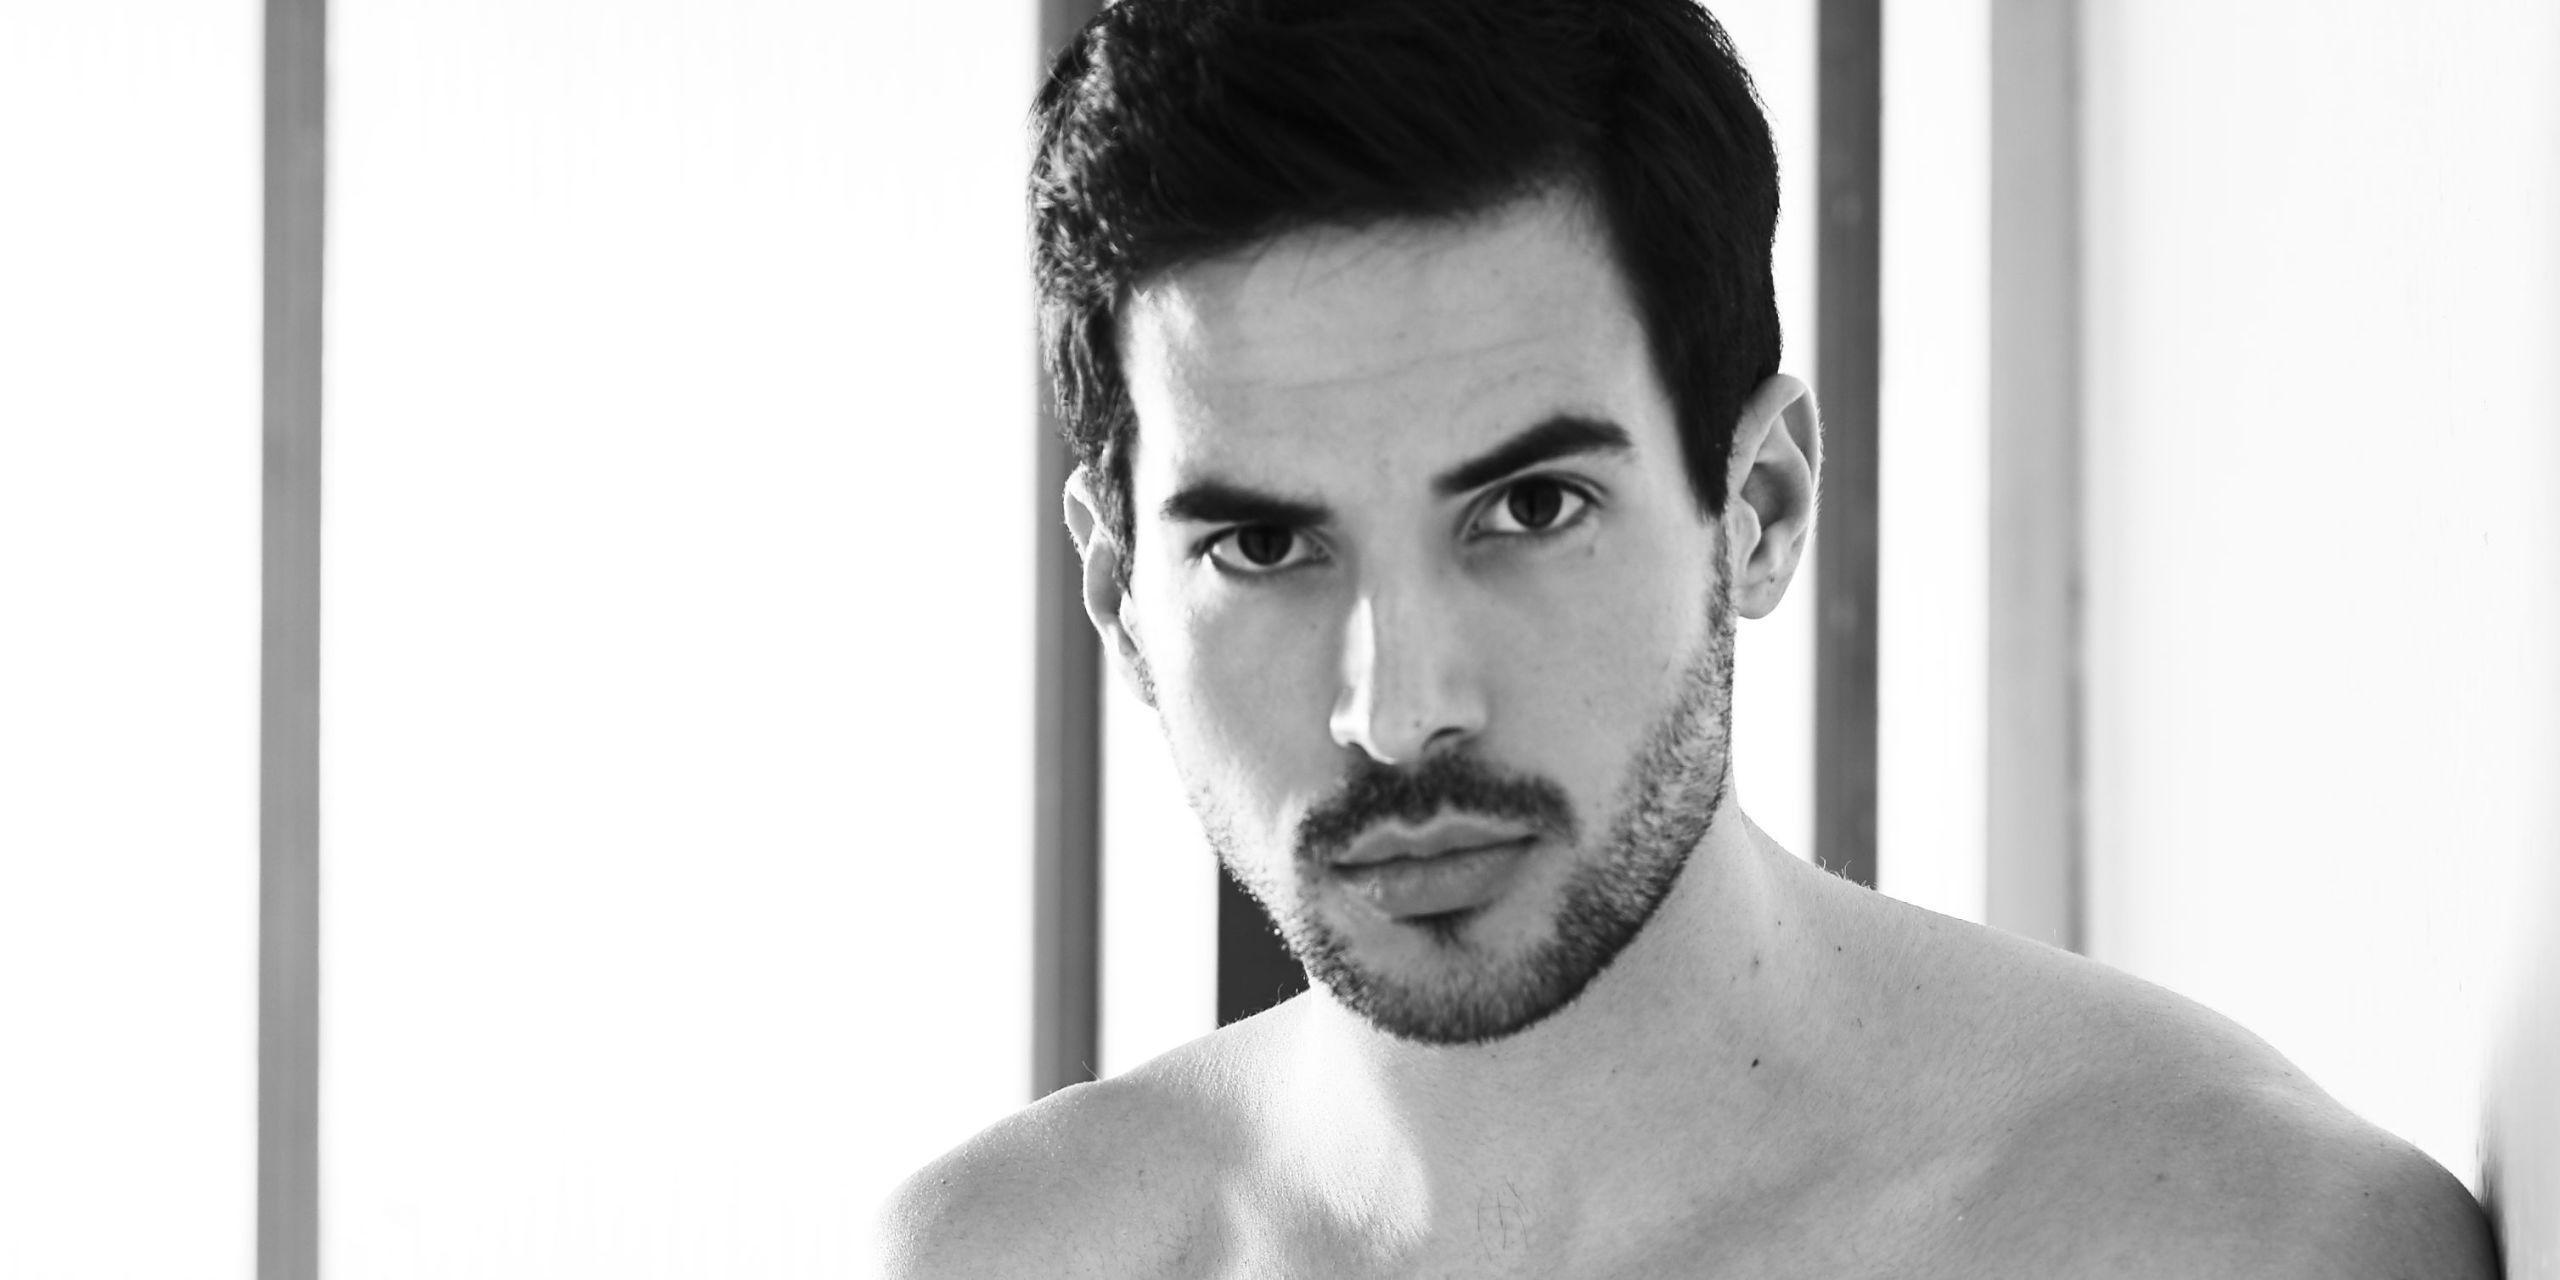 modelli di nudo immagini sexy gay gli uomini con grande Cocks